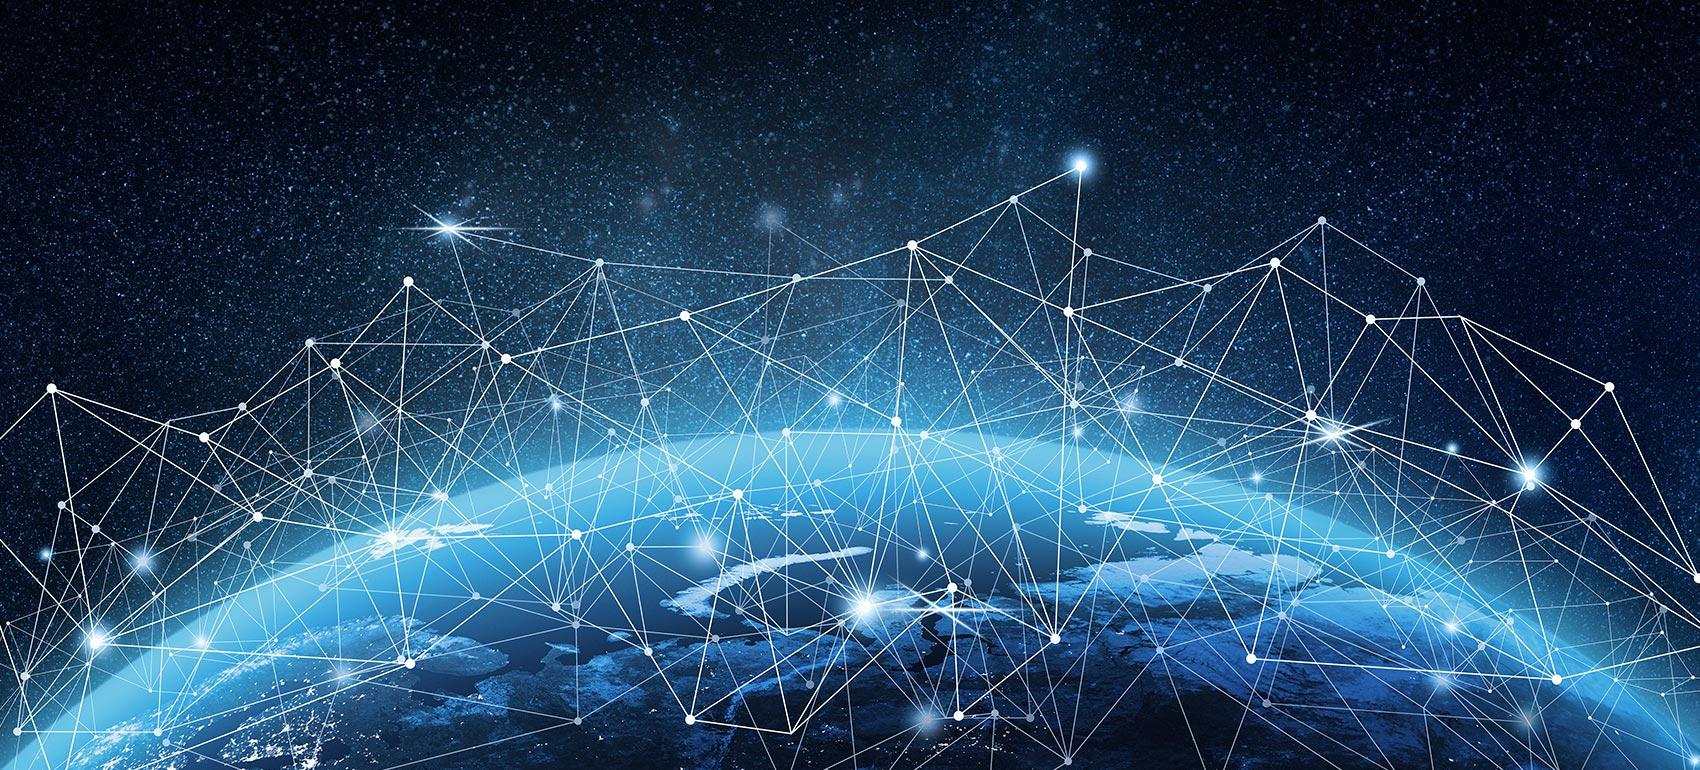 globalts-network-security-slide-test-2